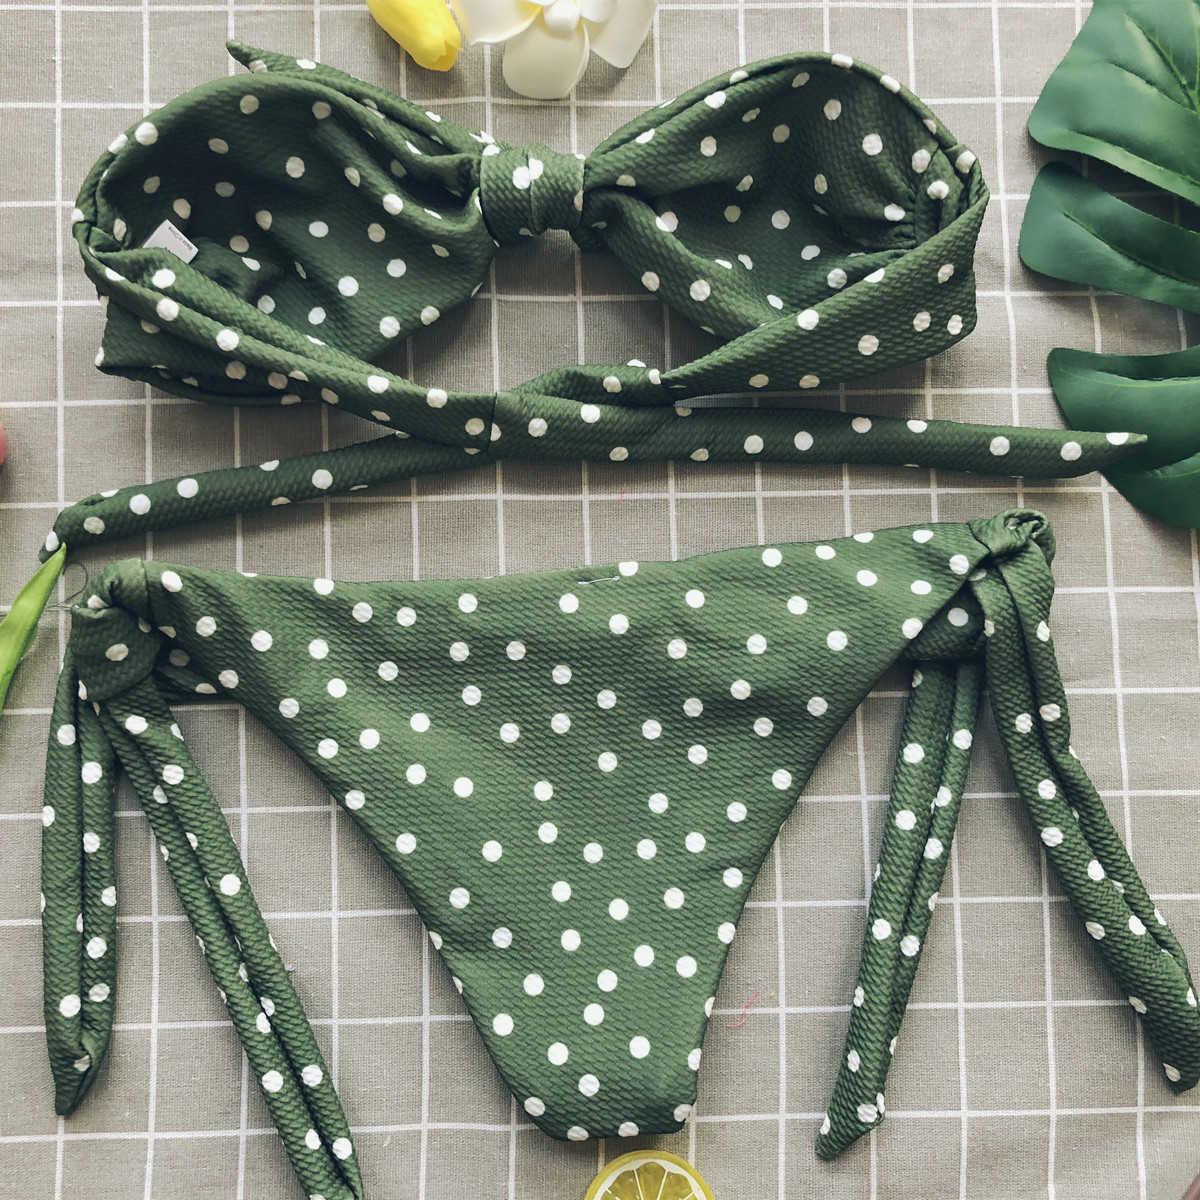 2020B jeder Zwei-stück Trennt Mini String Micro Bikini Set Mujer Plus Größe Badeanzug Bademode Anzug Für Frauen Bikinis schwimmen Bottom